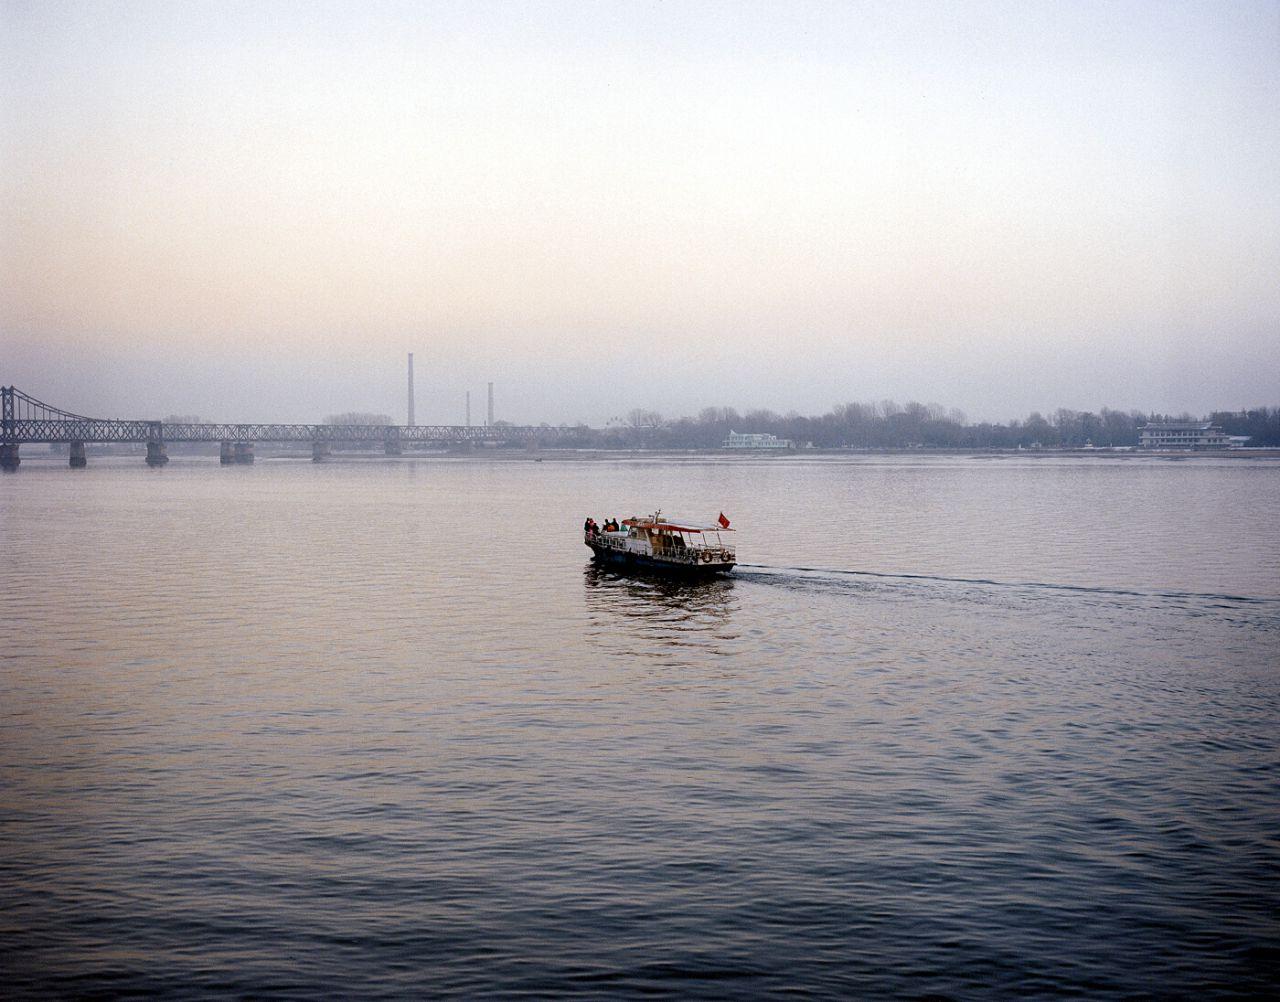 Boda. Vista de una celebración de boda en el río que divide Corea del Norte y China, Dandong, China, 2007